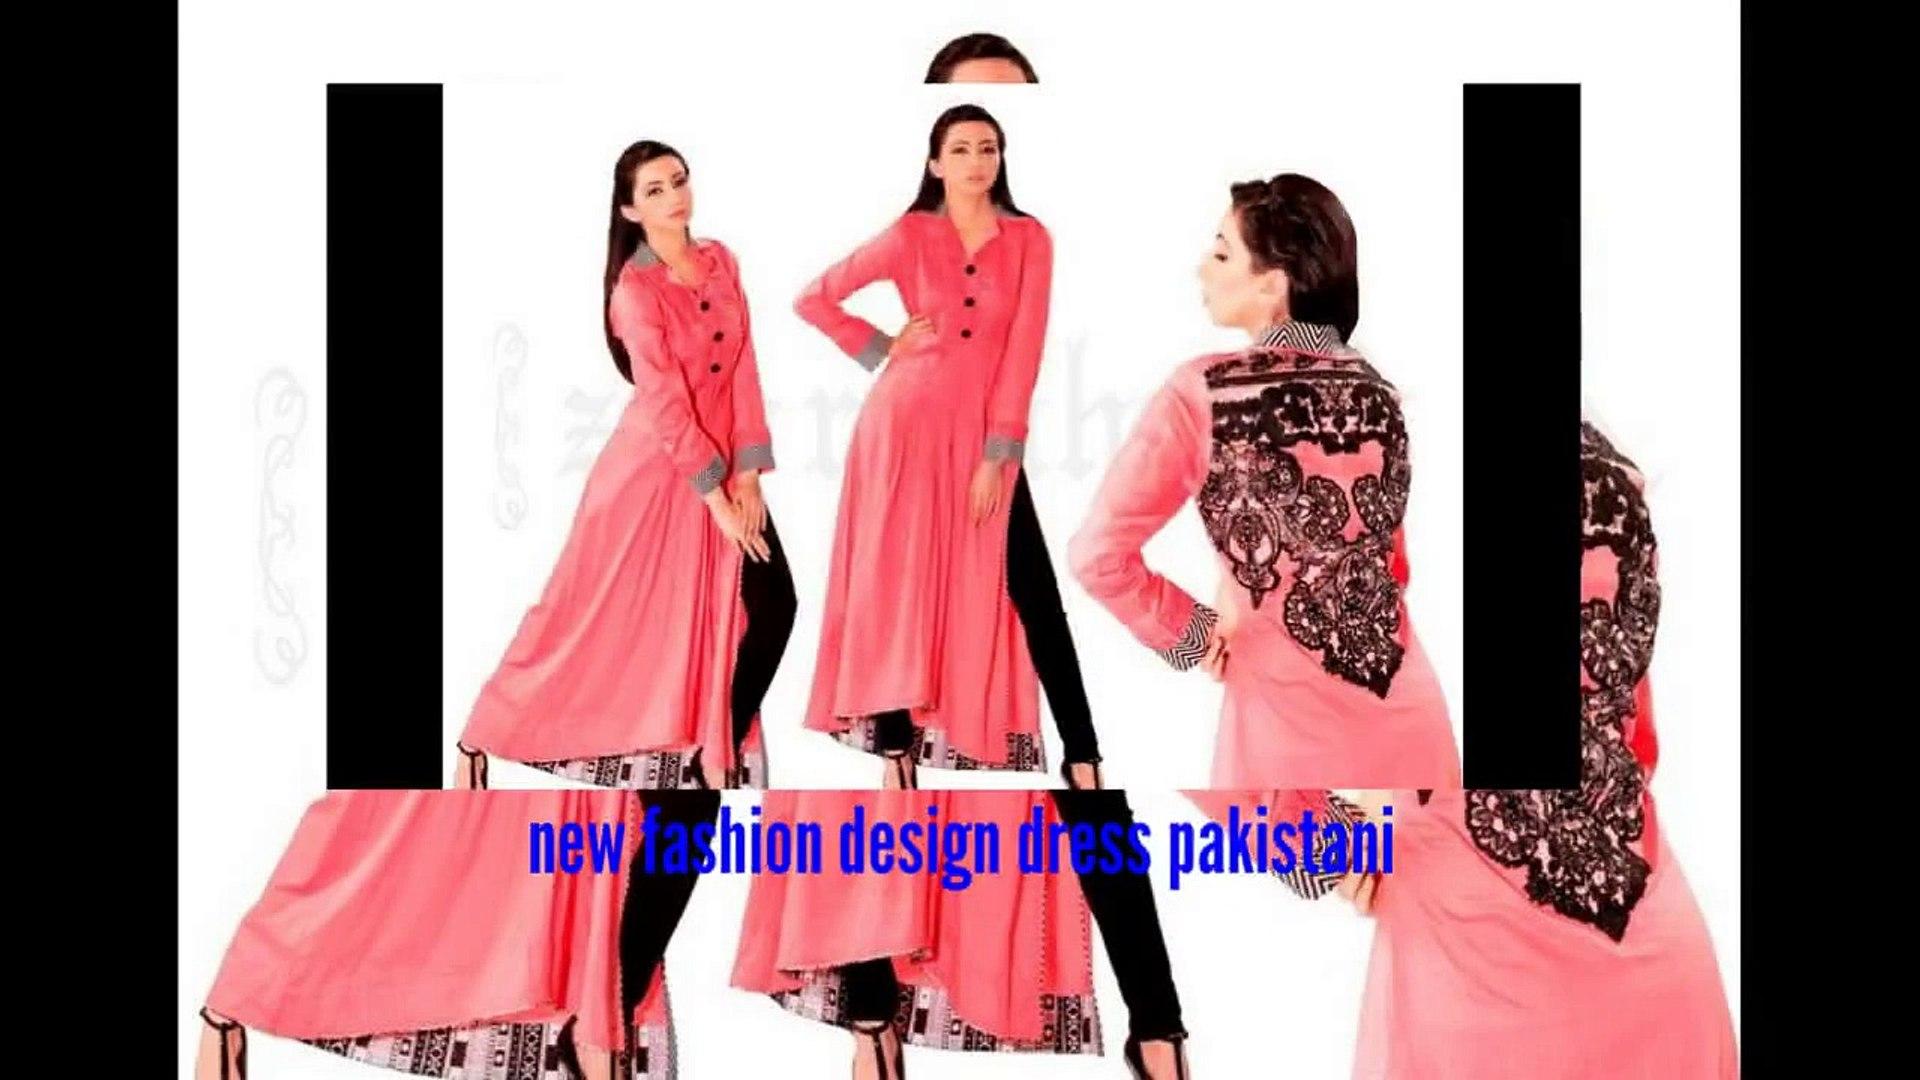 New Fashion Design Dress Pakistani Video Dailymotion